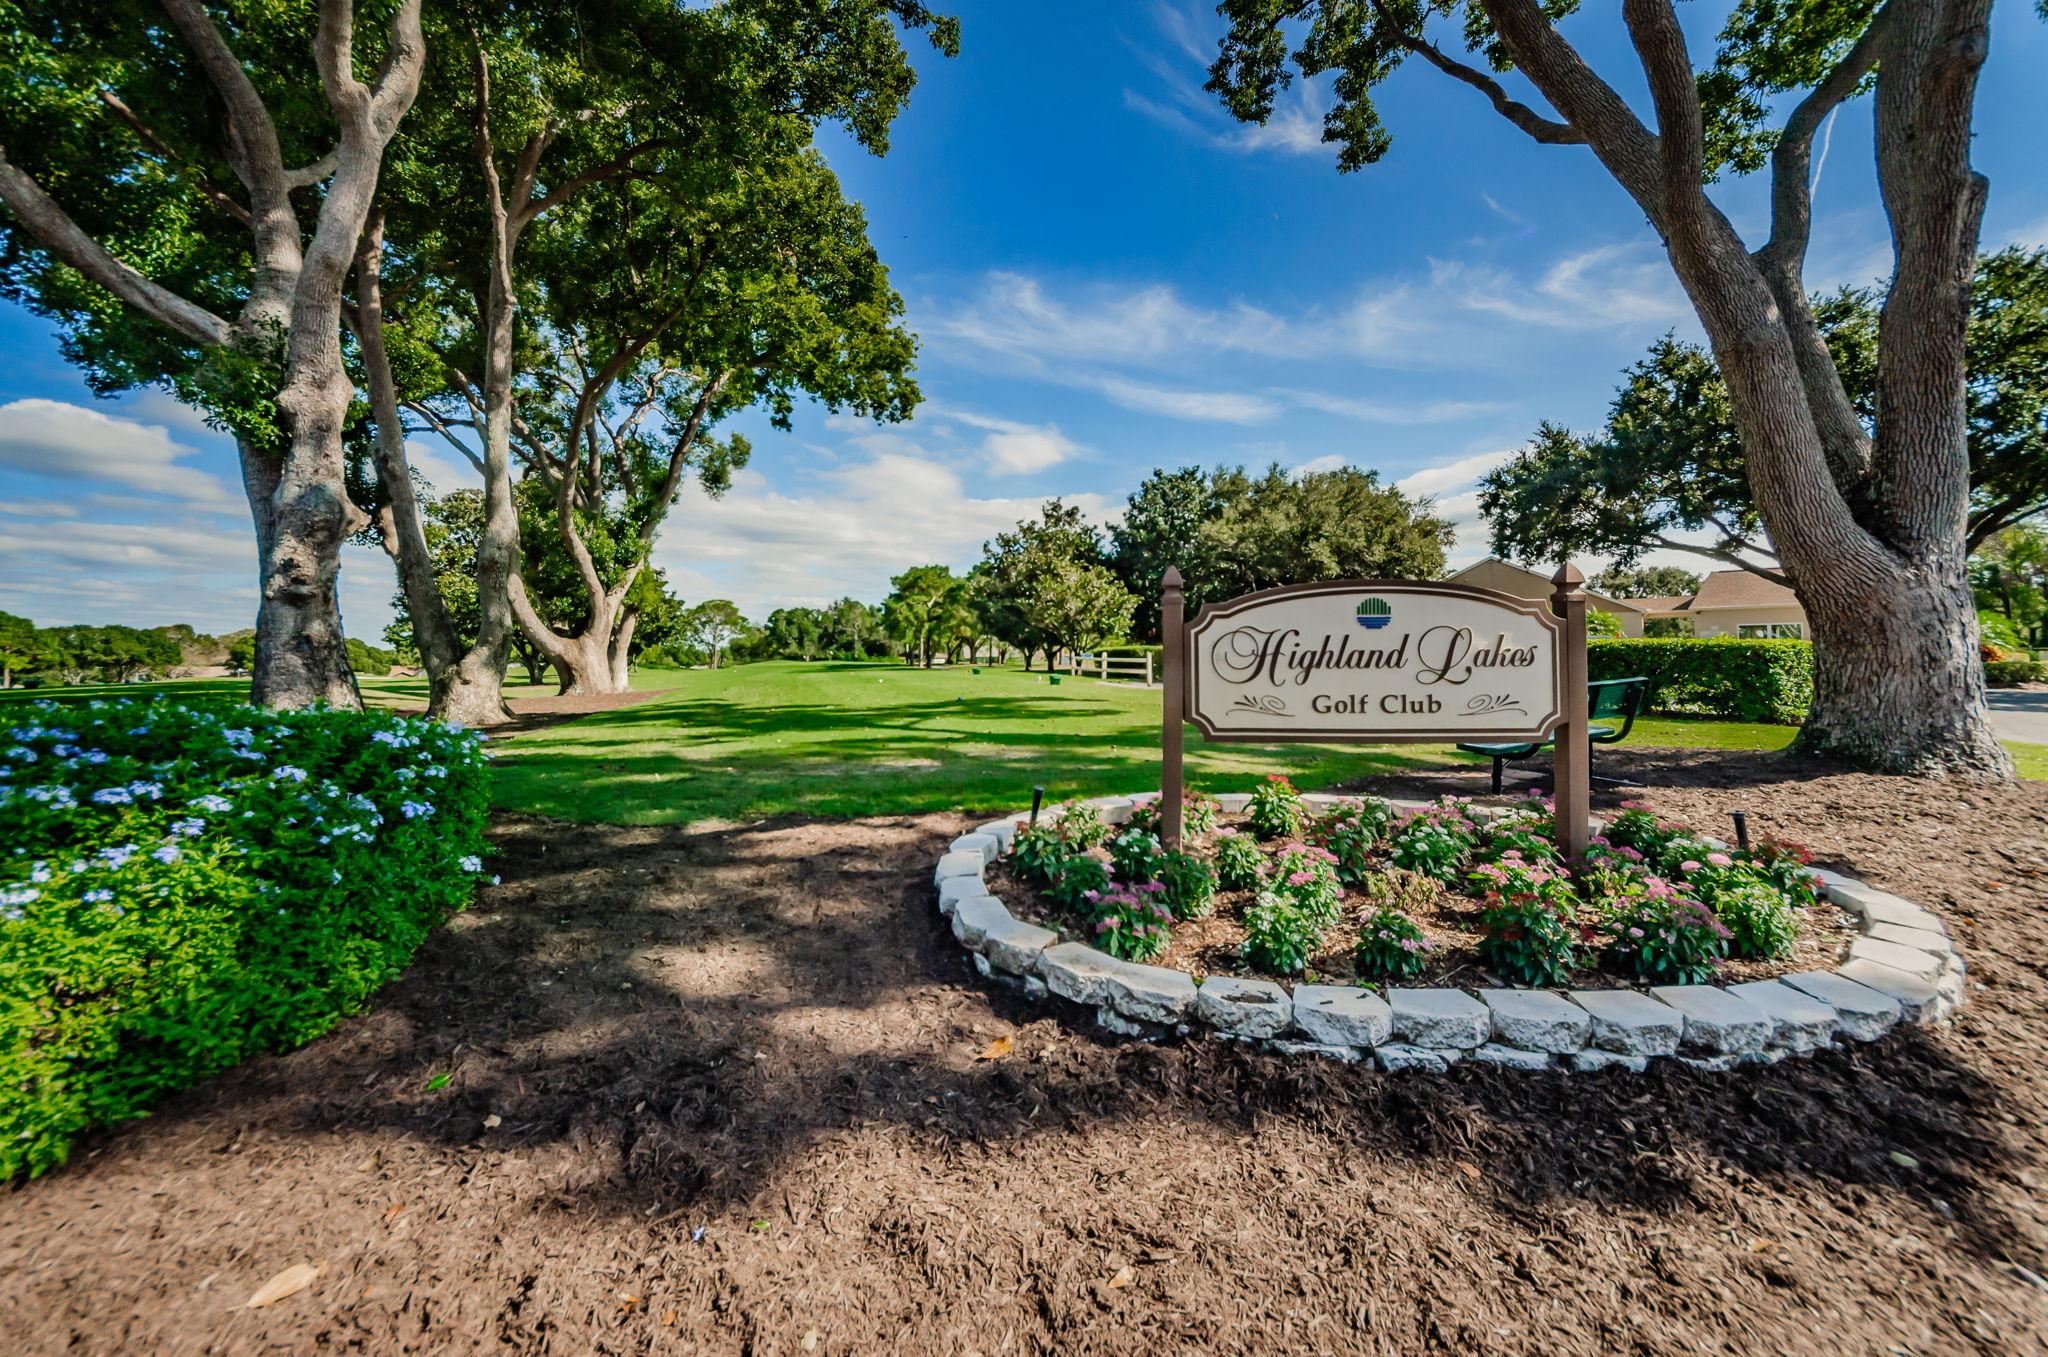 40-Golf Course